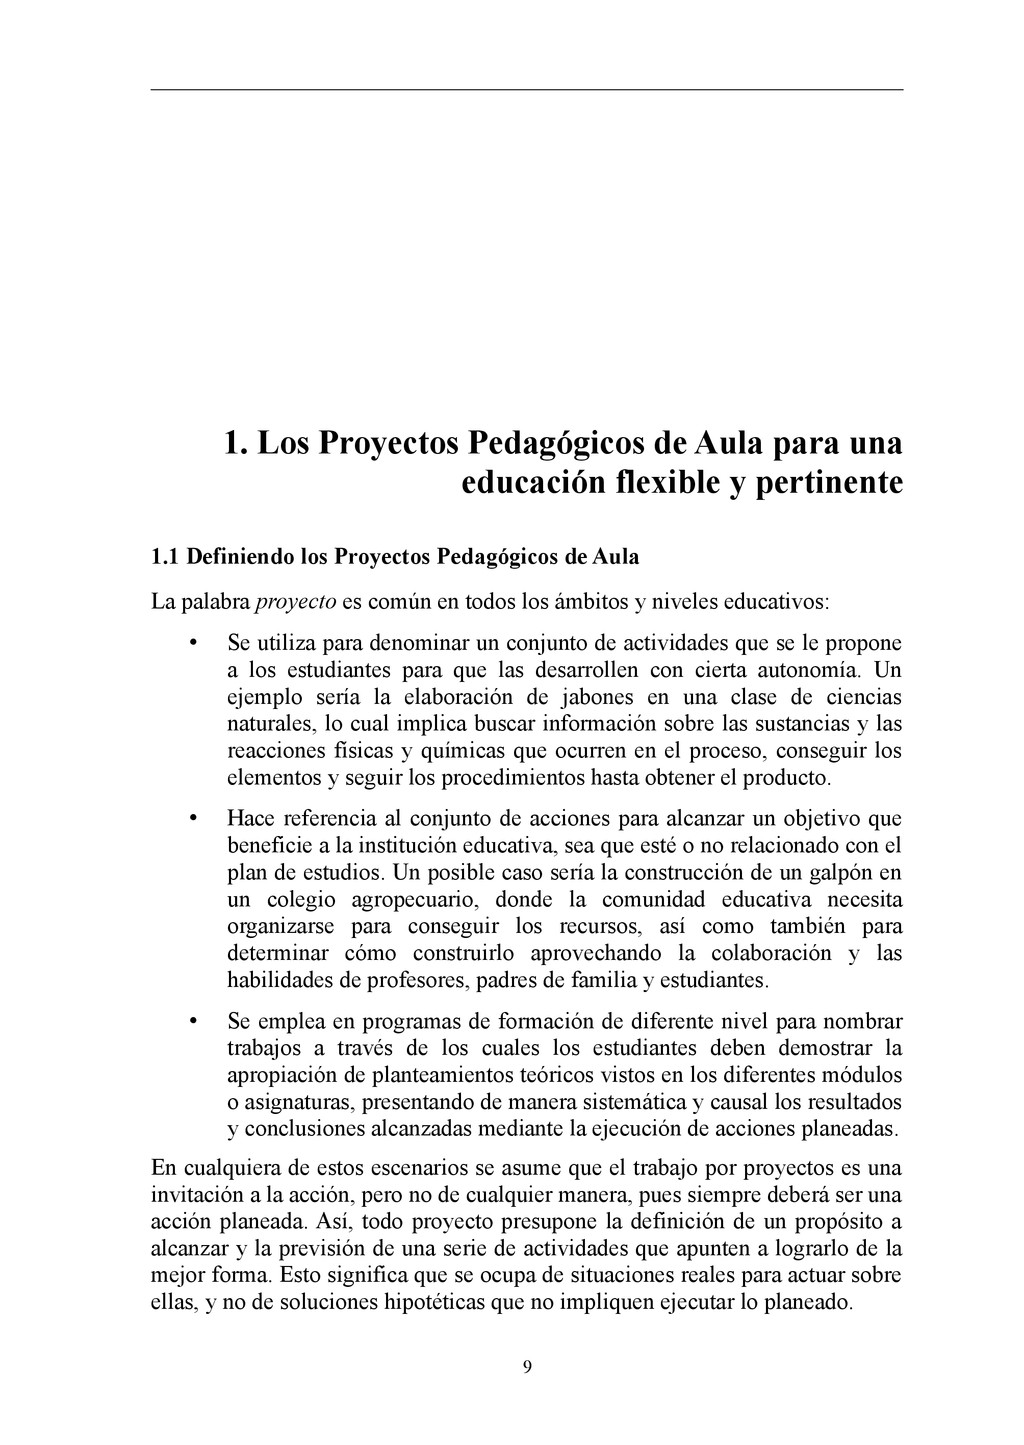 1. Los Proyectos Pedagógicos de Aula para una e...